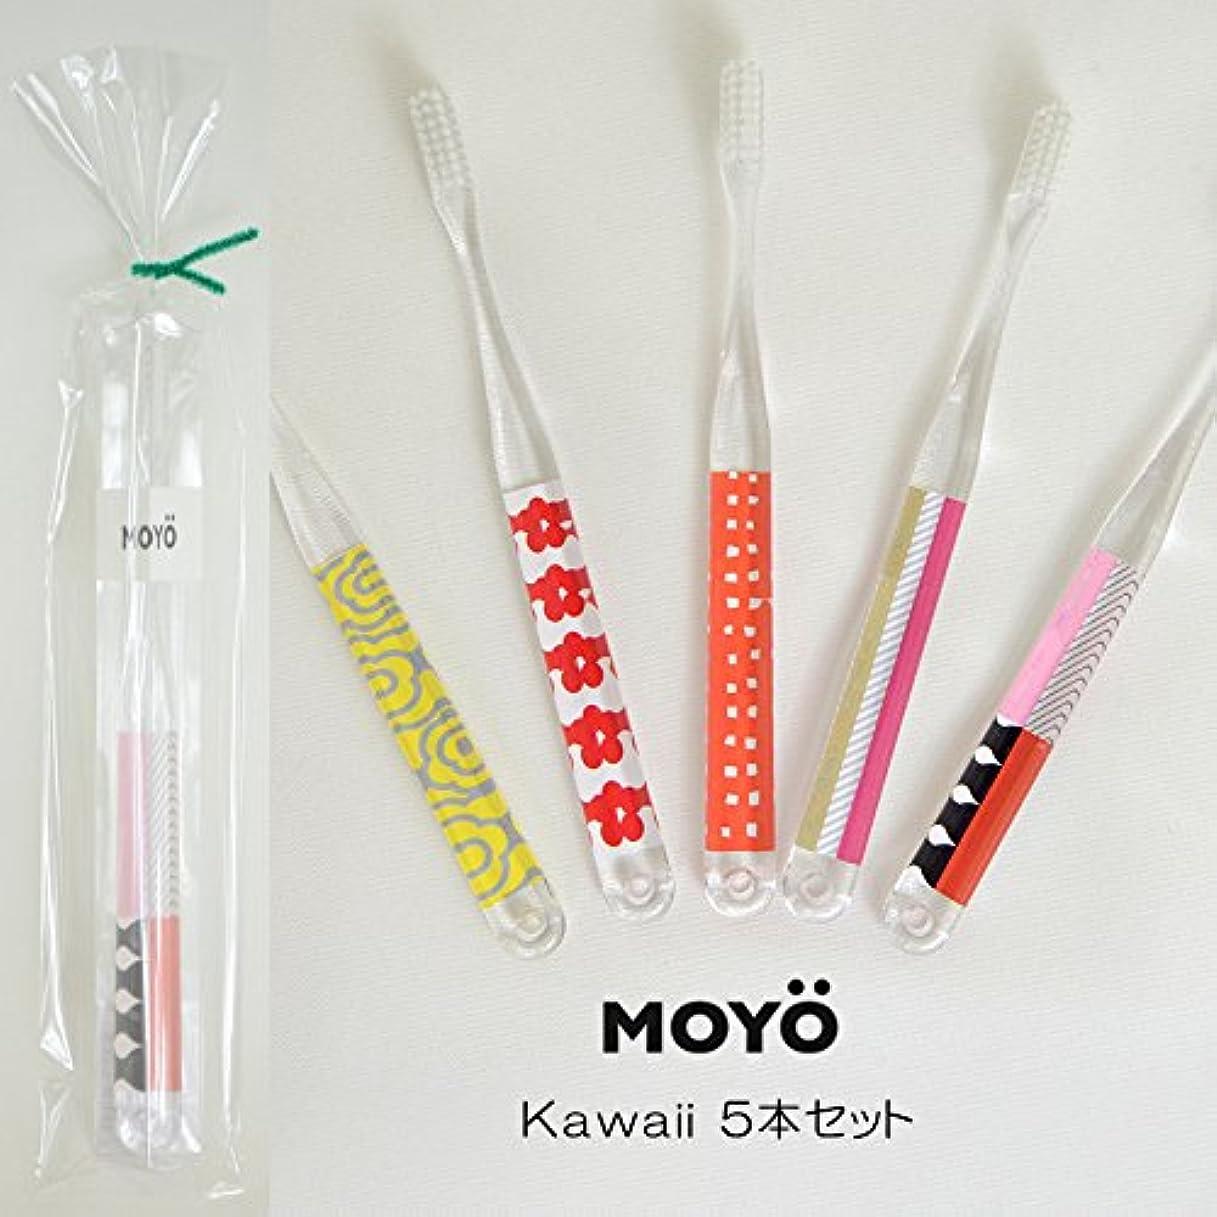 保証するインターネット減衰MOYO モヨウ 歯ブラシ kawaii5本 プチ ギフト セット_562302-kawaii 【F】,kawaii5本セット